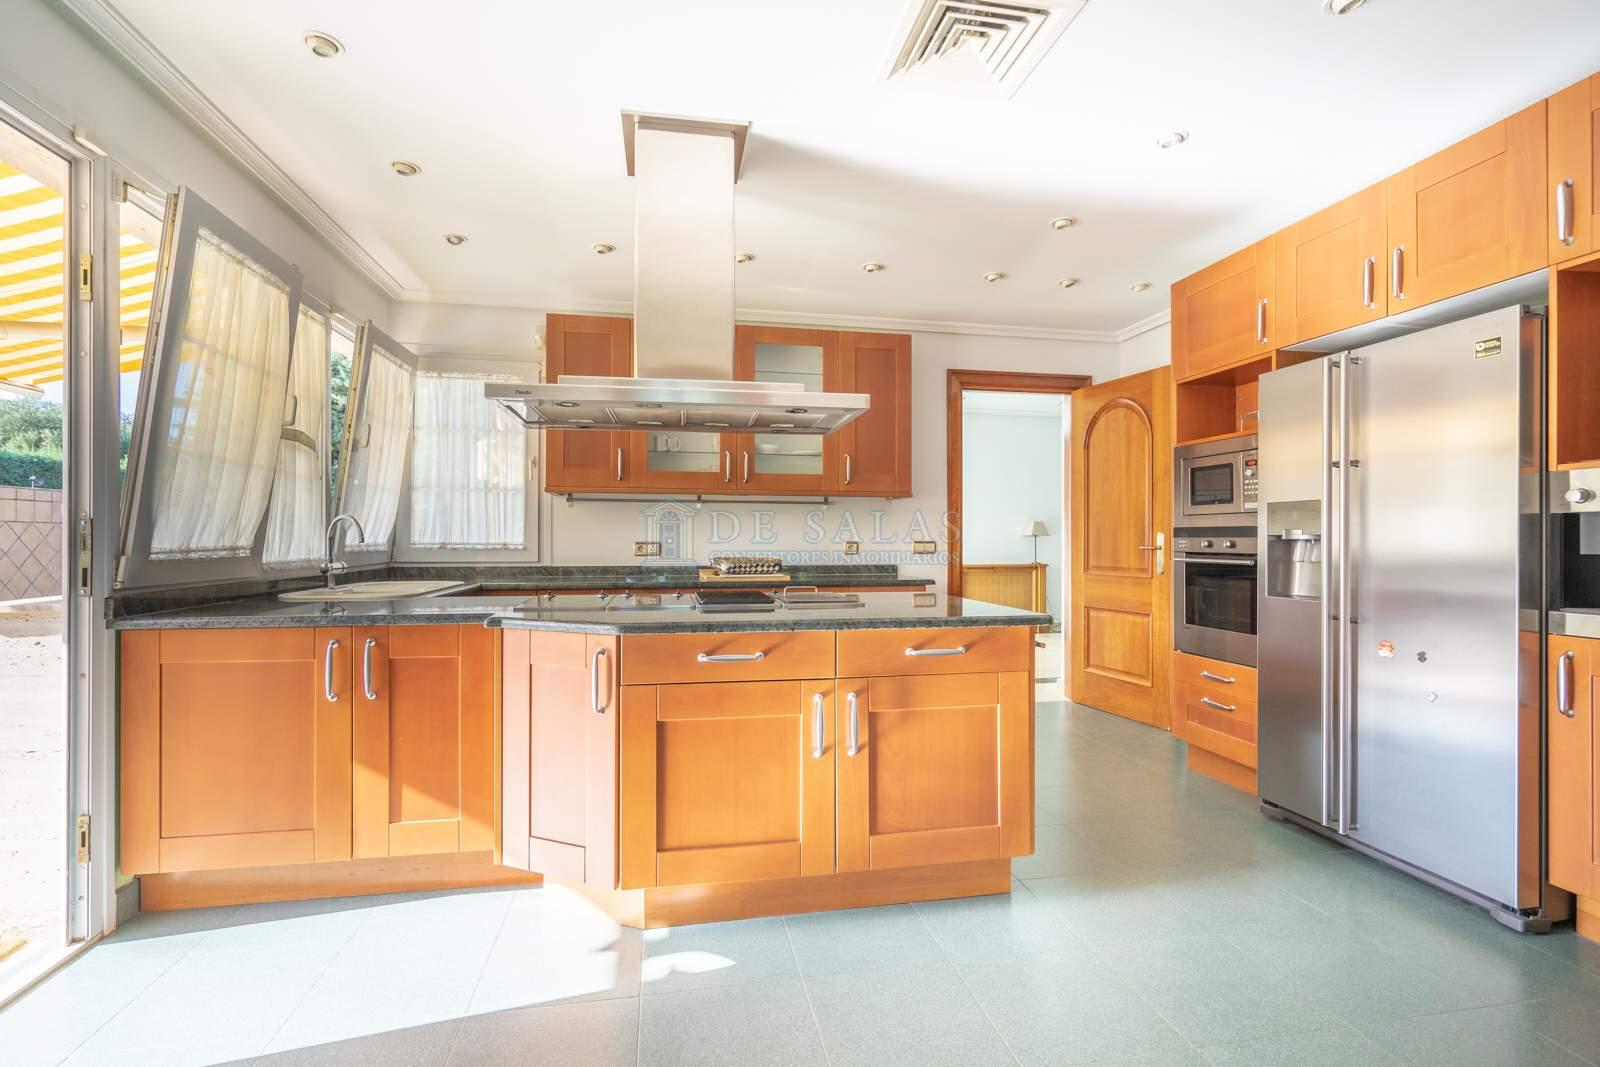 Cocina-10 Maison La Moraleja